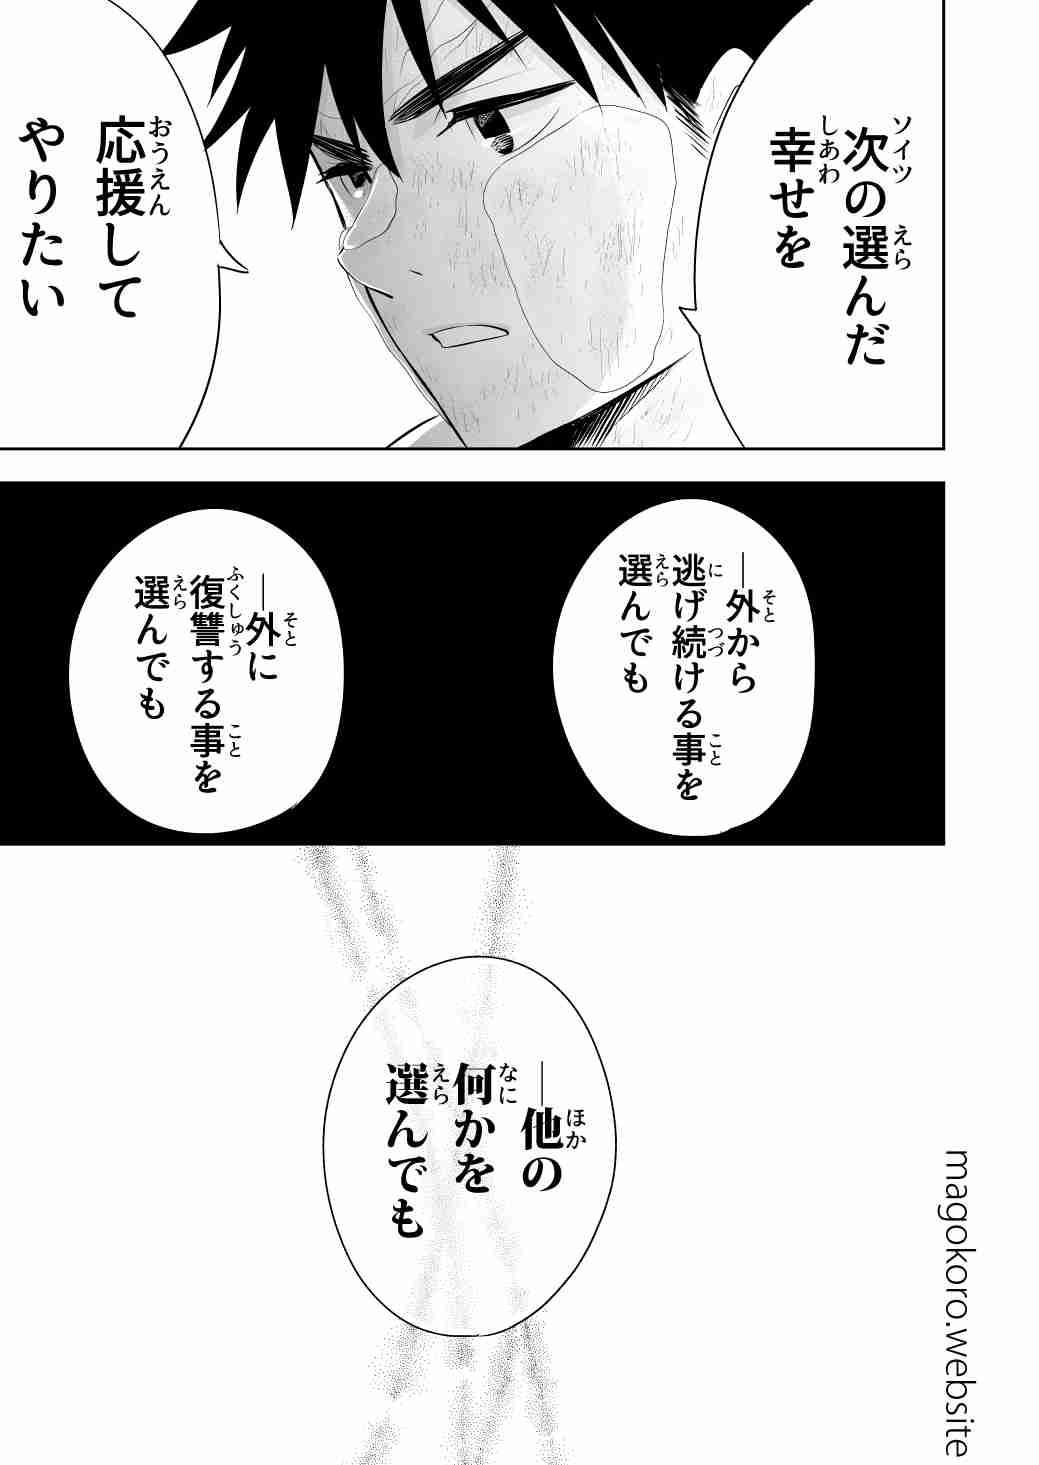 mgso1h3_014.jpg